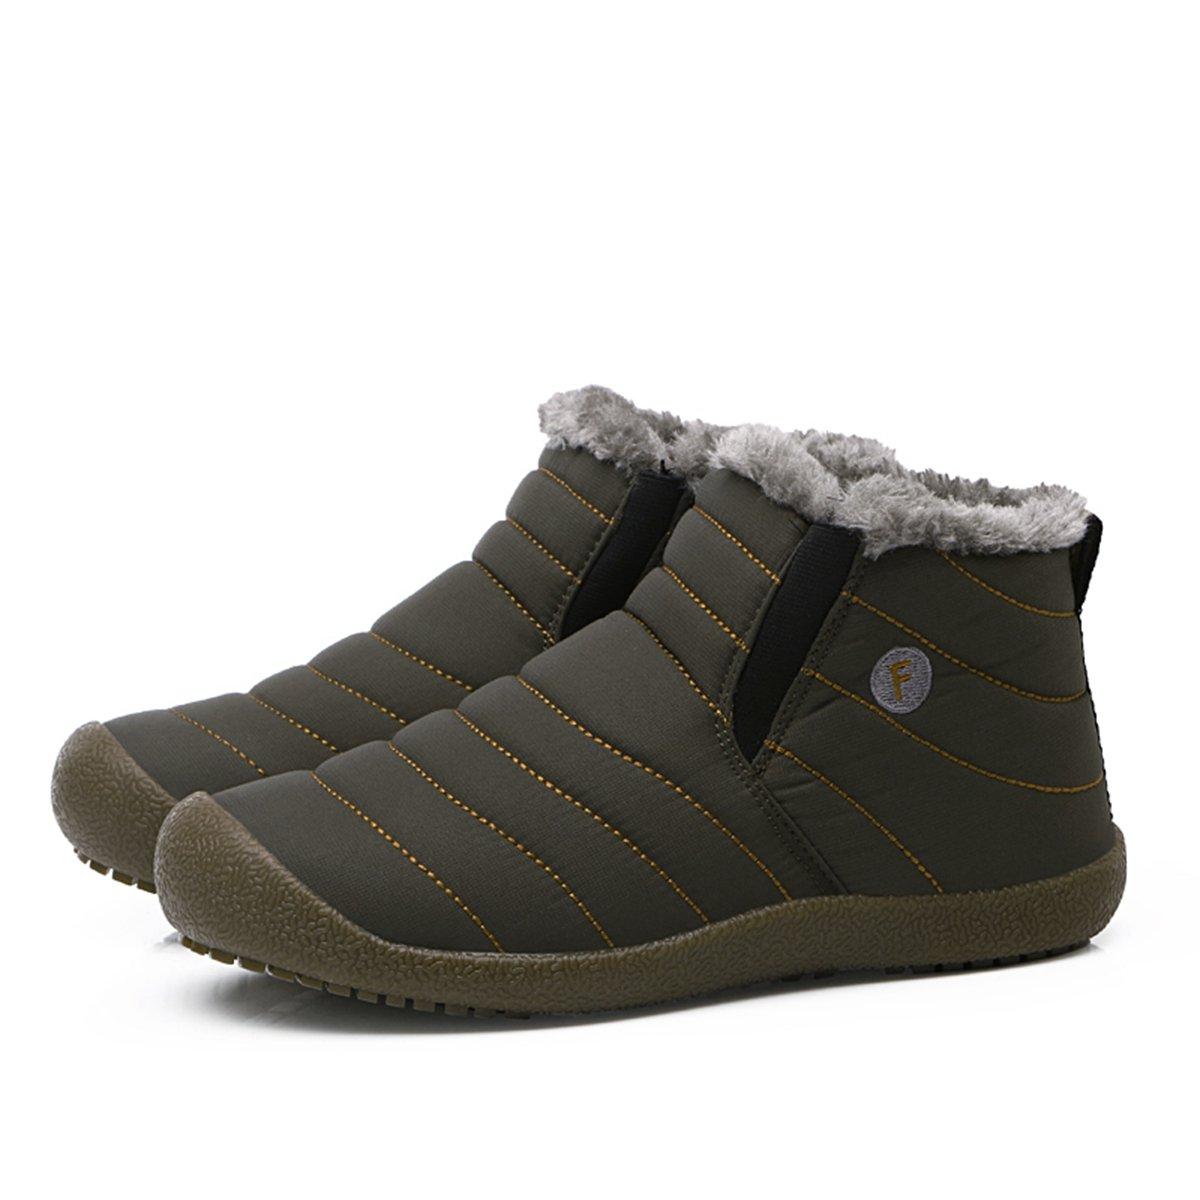 SITAILE Hombre Mujer Fur Oto/ño Invierno Plano Botines Calentar Botas De Nieve Zapatos Deportes al Aire Libre Boots